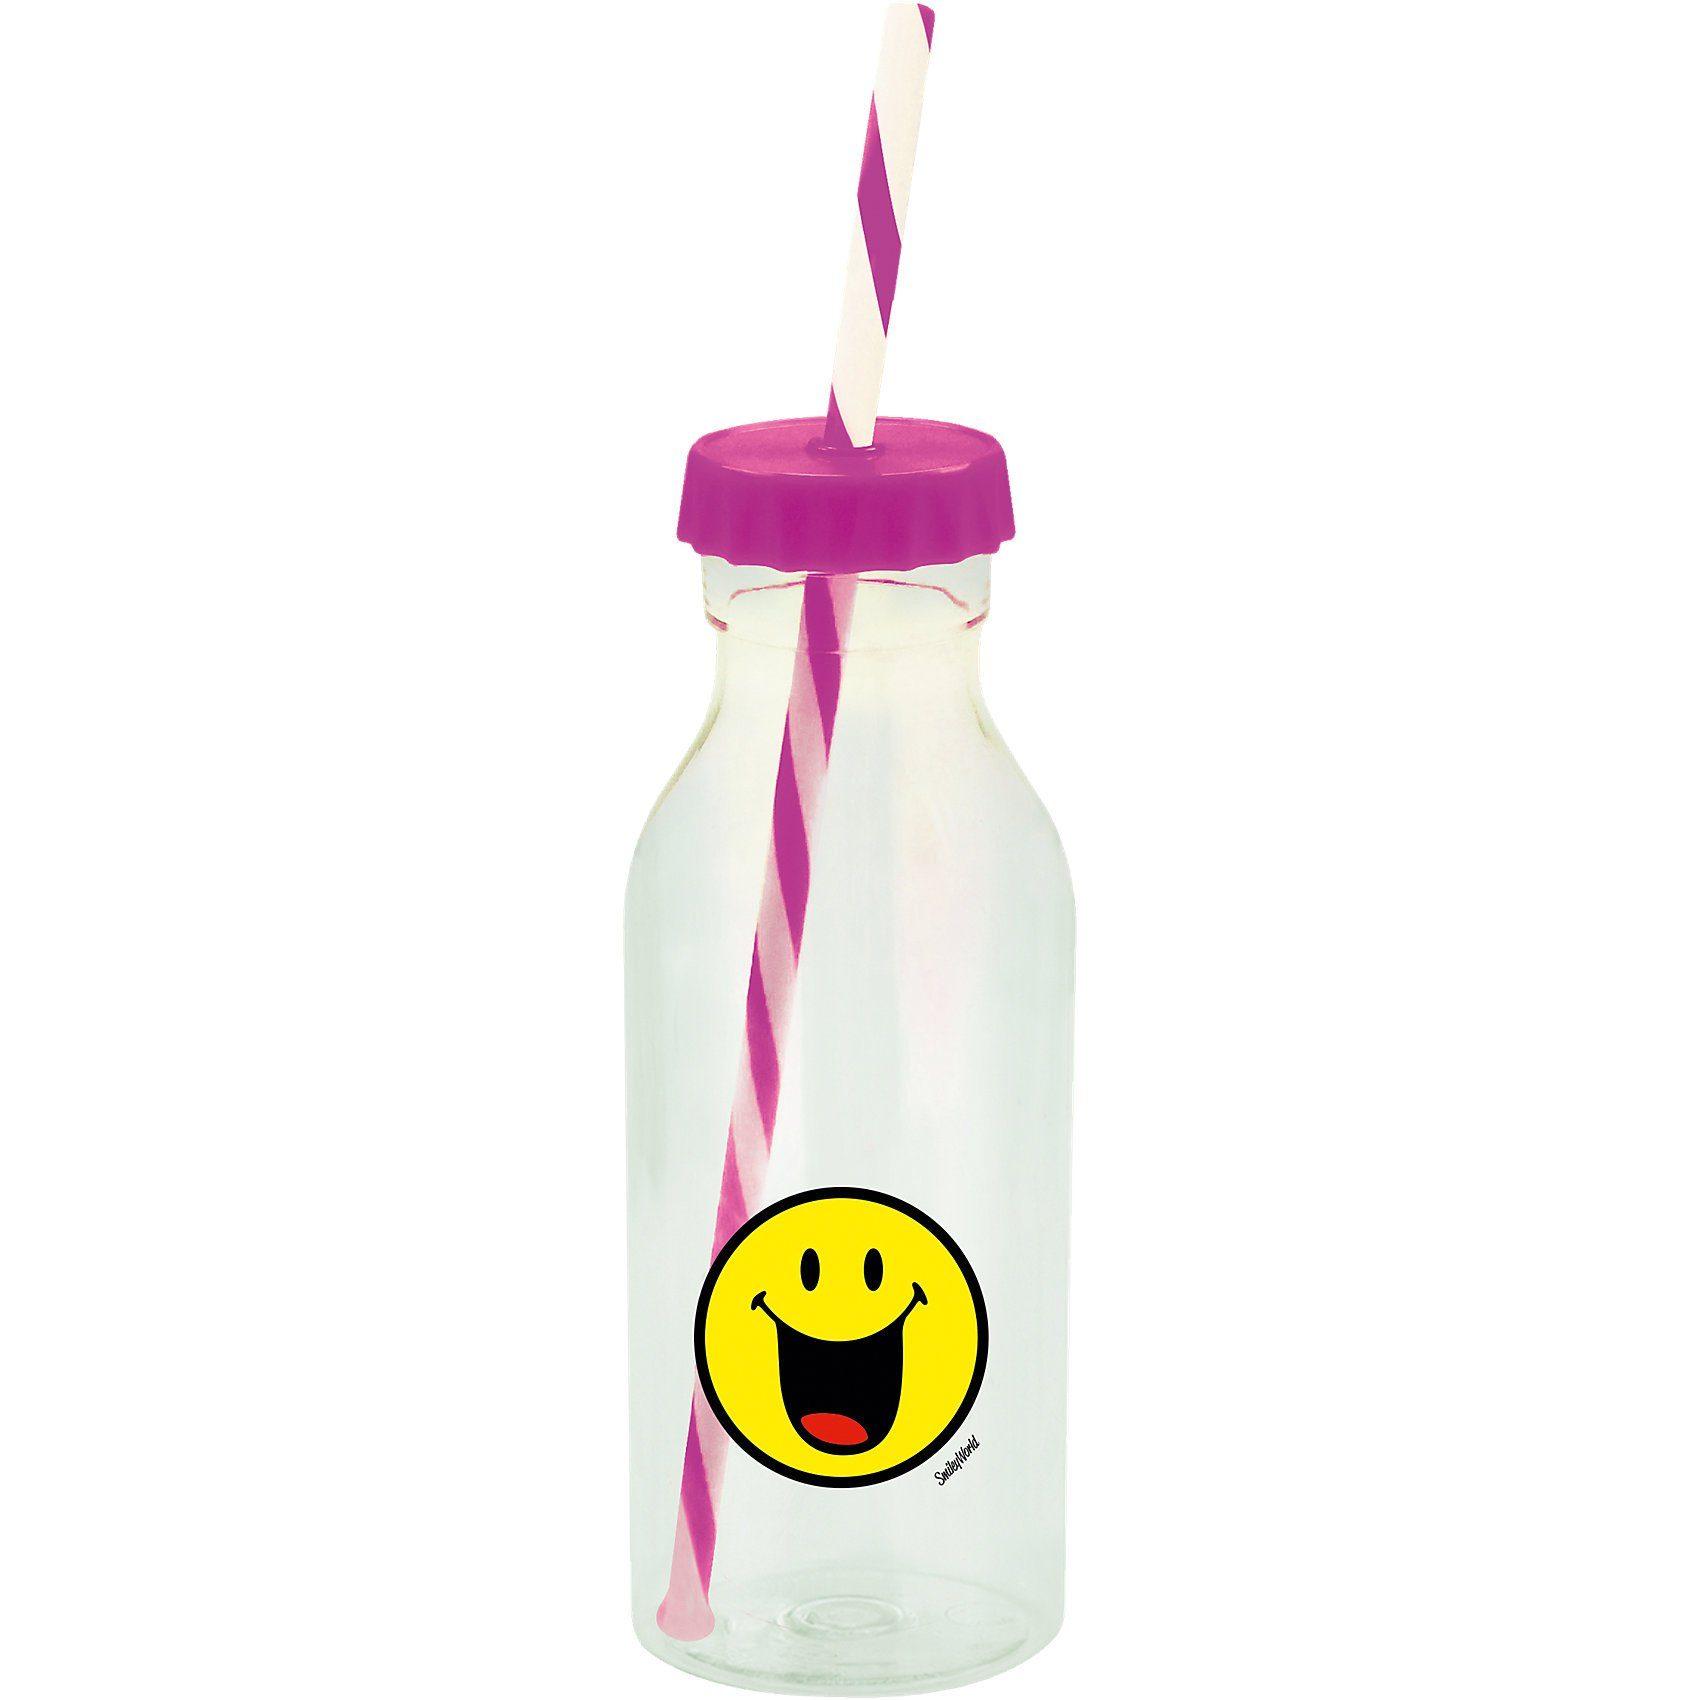 Smiley Sodaflasche mit Strohhalm, pink